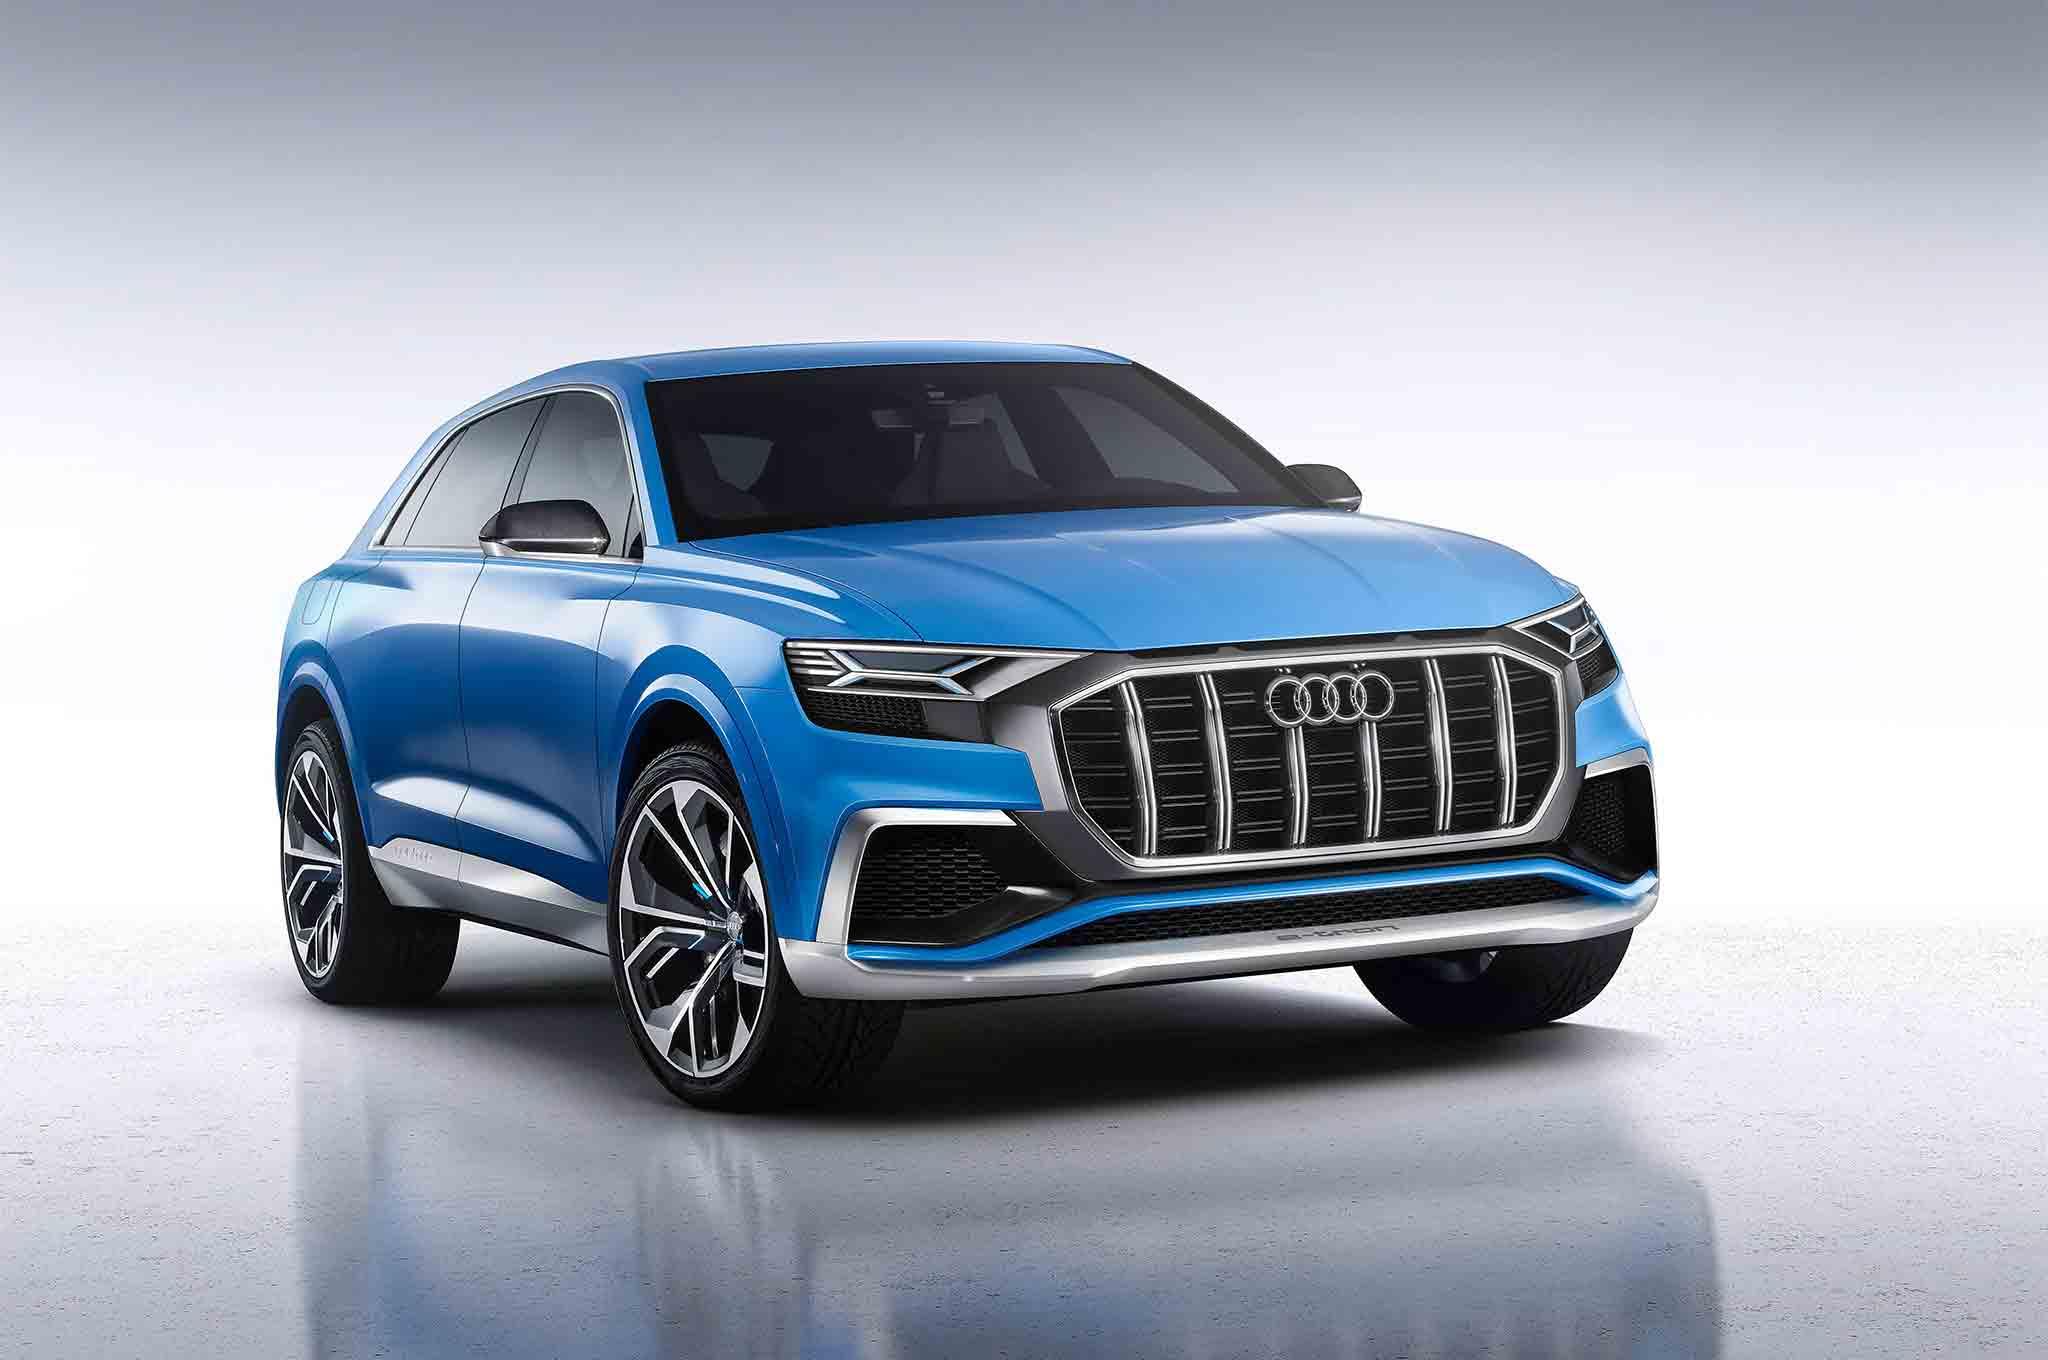 Audi-Q8-concept-front-three-quarter-04-11